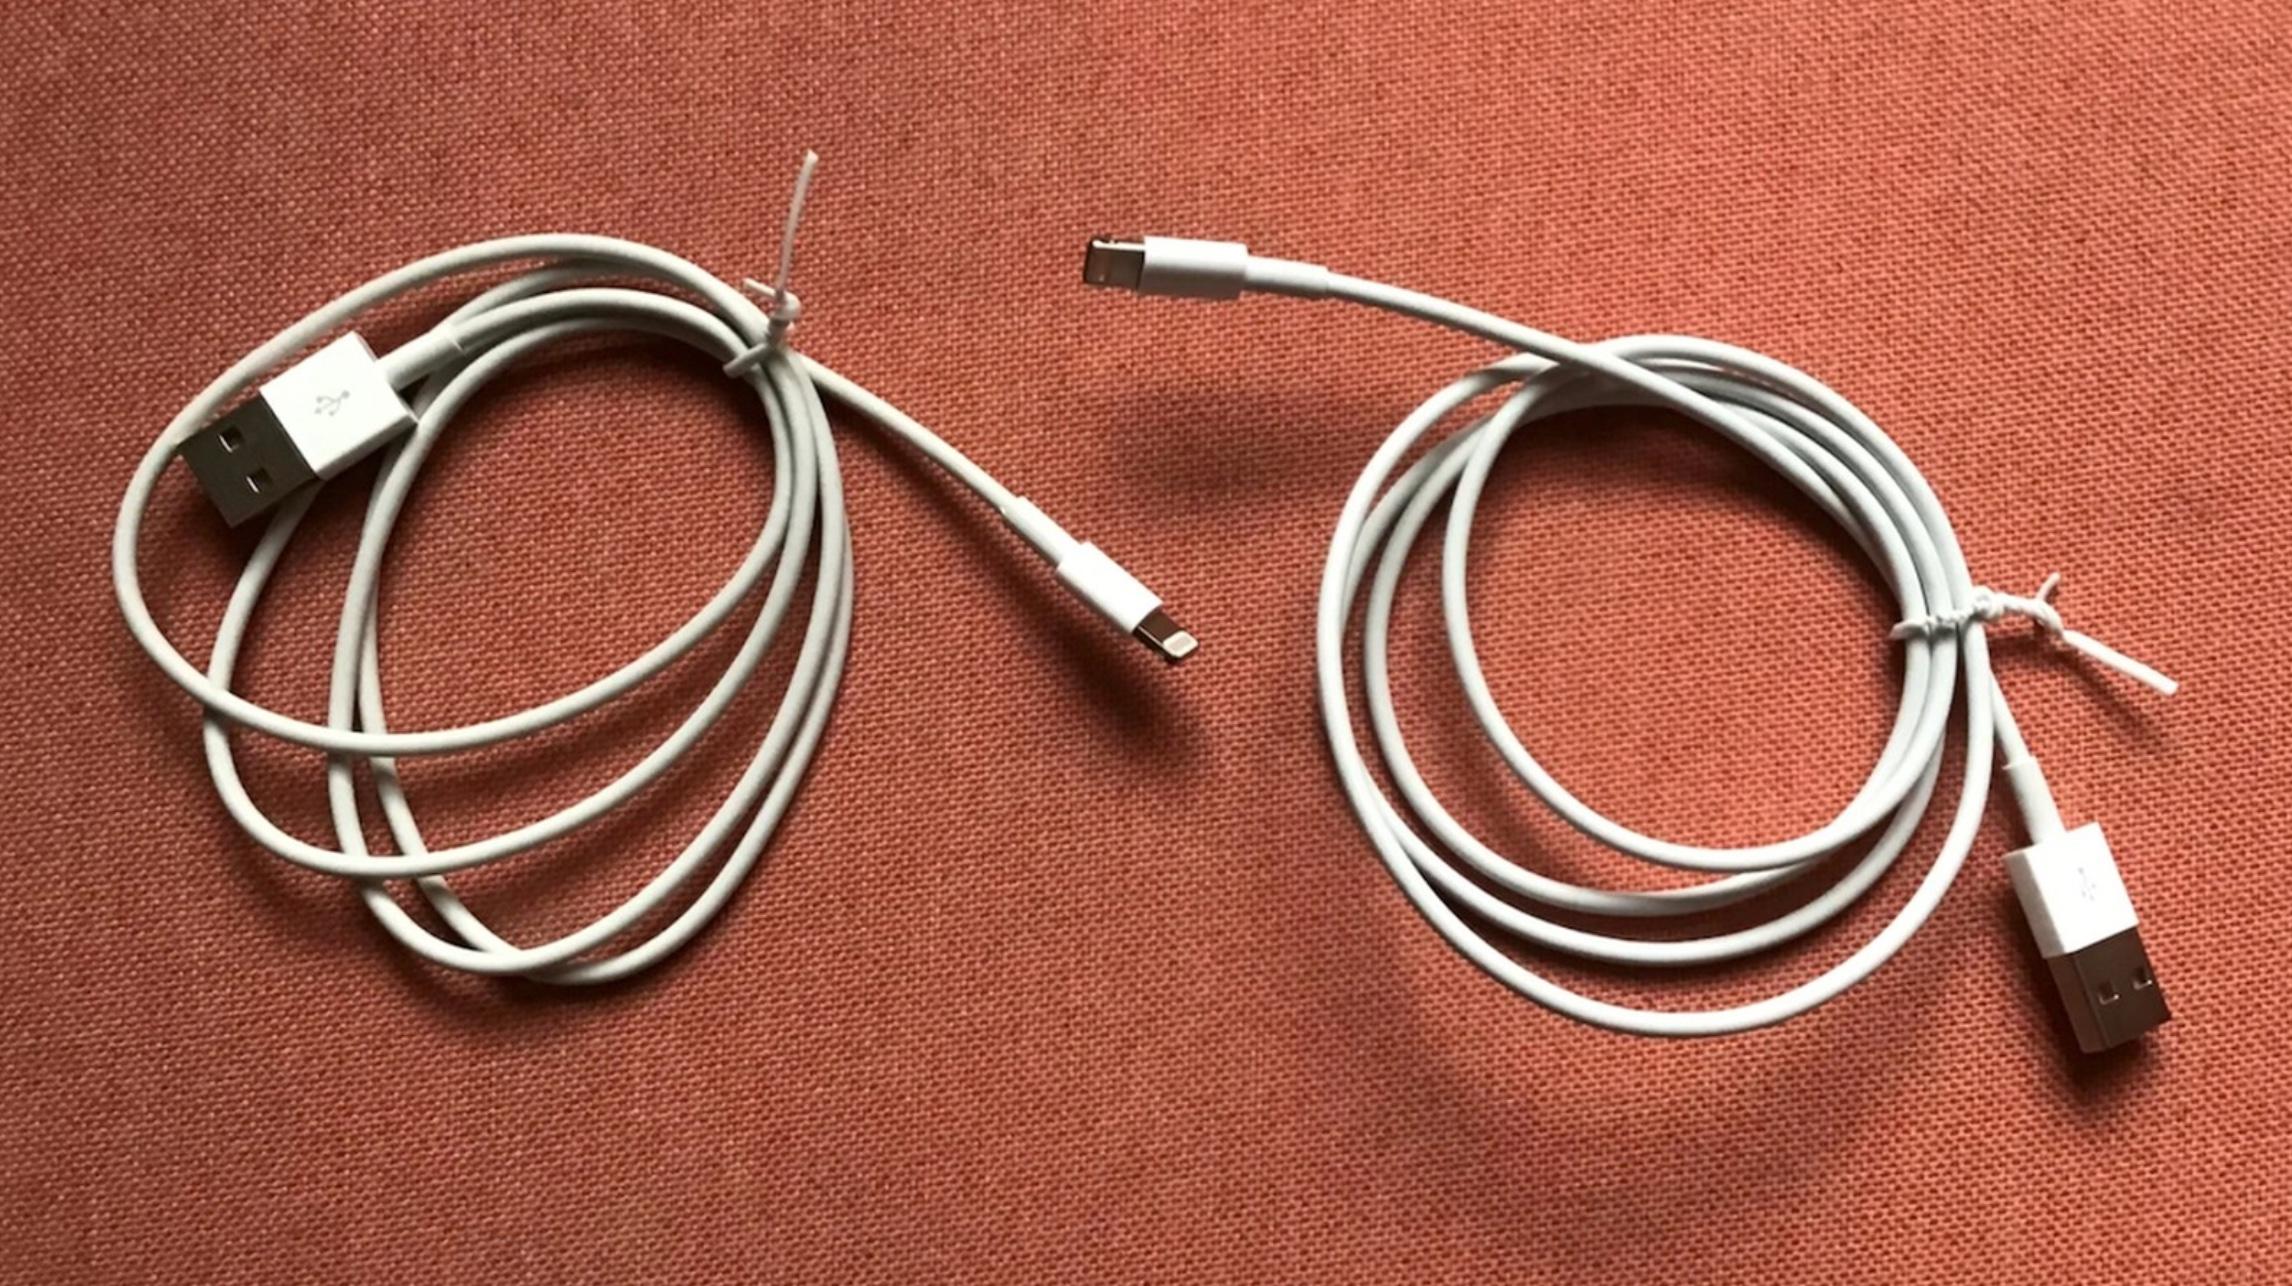 « OMG Cable » : le cordon Lightning qui aspire vos données grâce à sa puce cachée